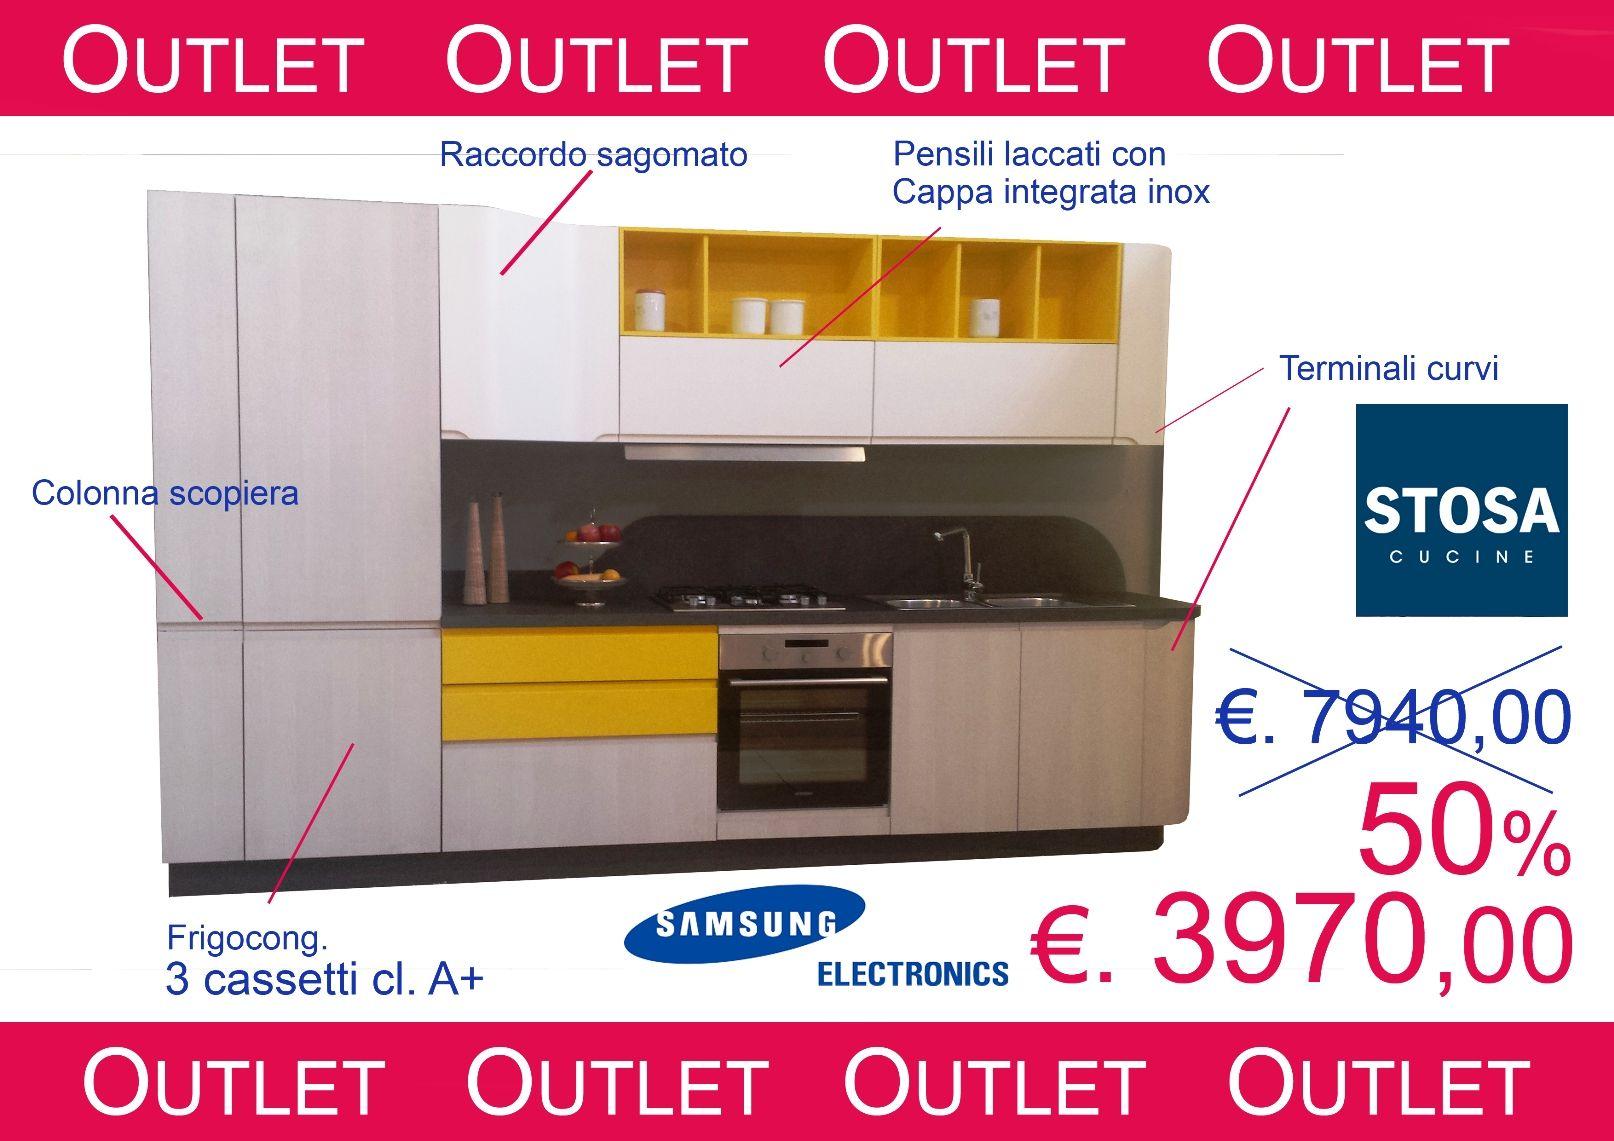 Outlet Roma Mobili.Prodotti Outlet Cucina Bring Sconto 50 Per Cento Paoletti